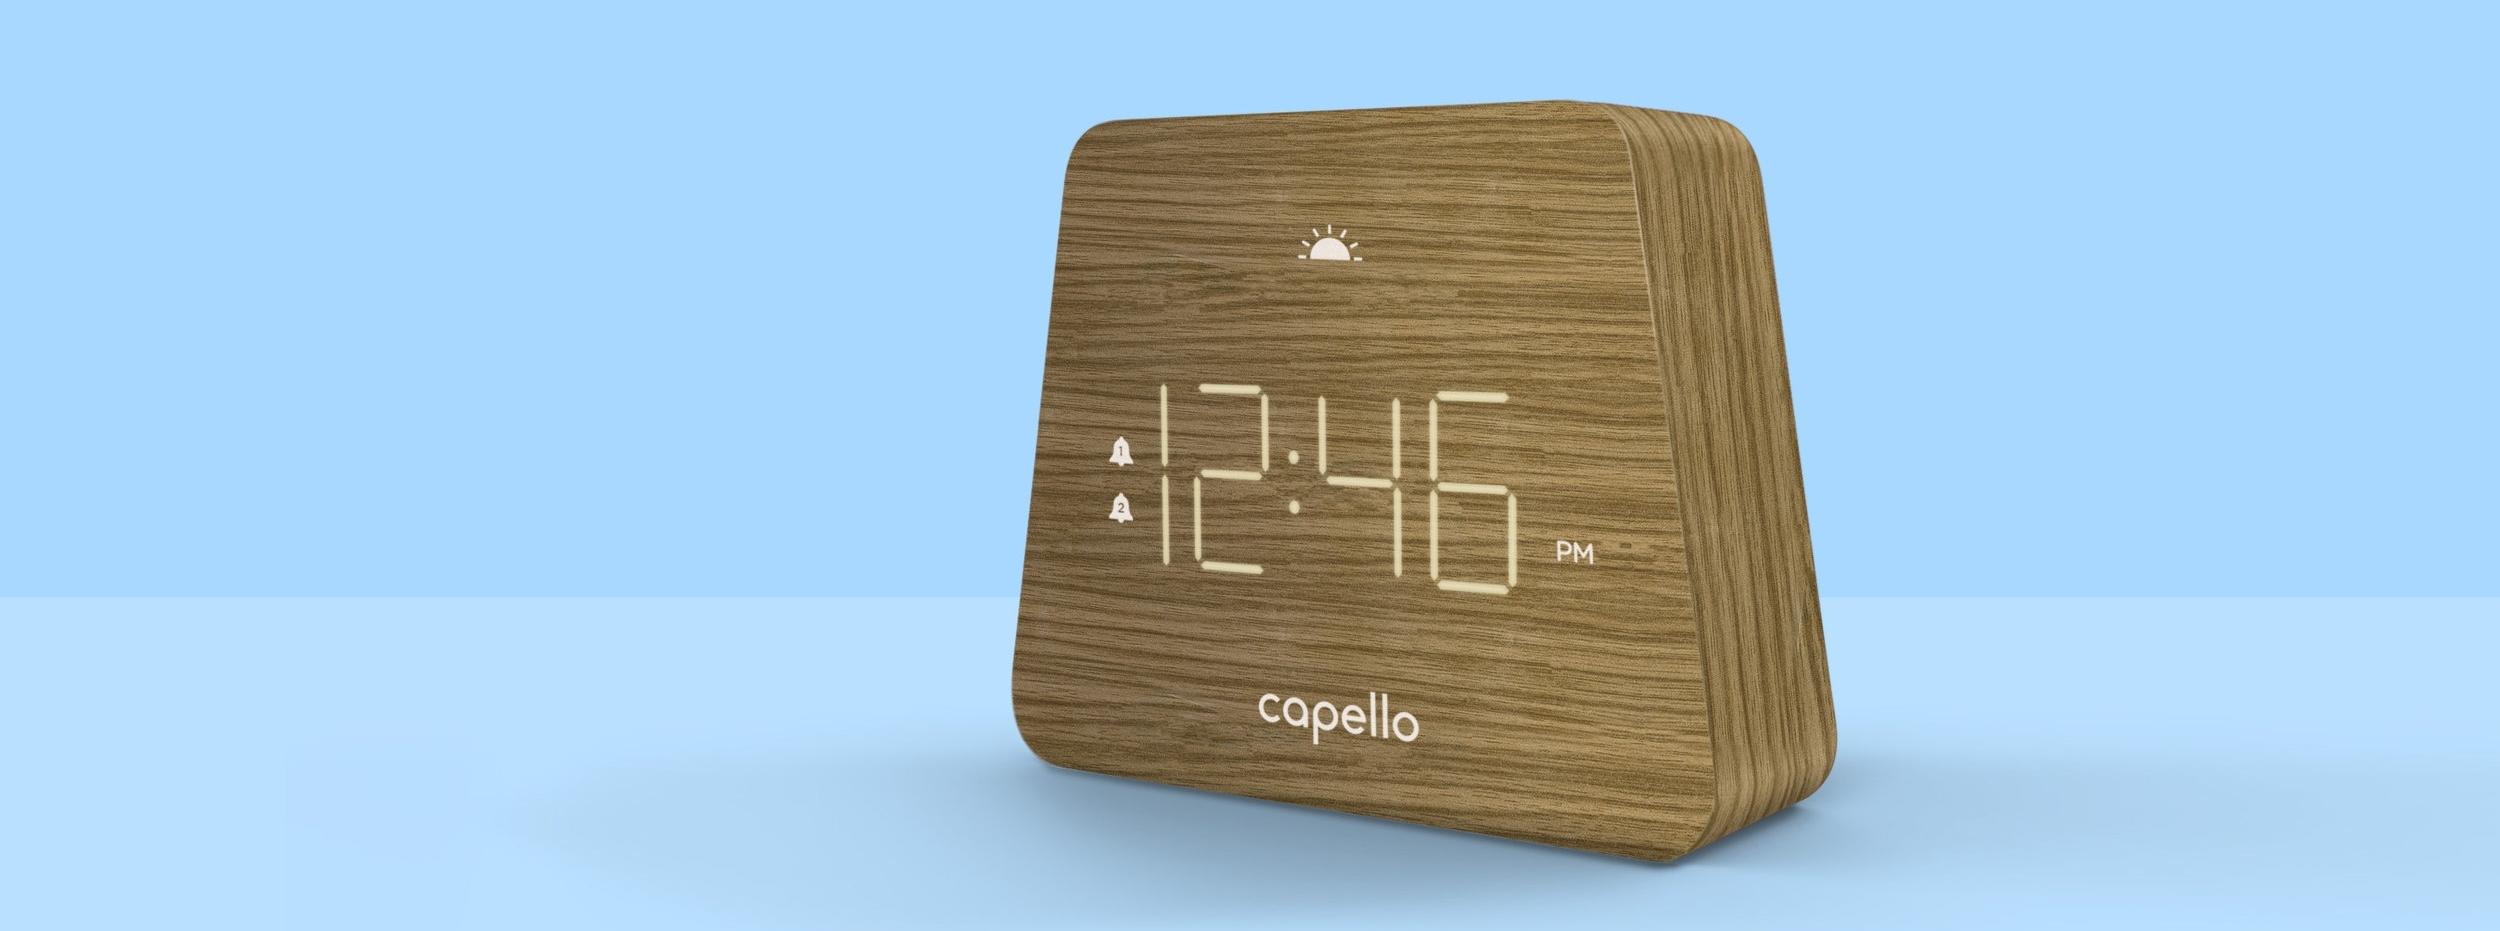 Capello Window Clock Ca-30 User Manual